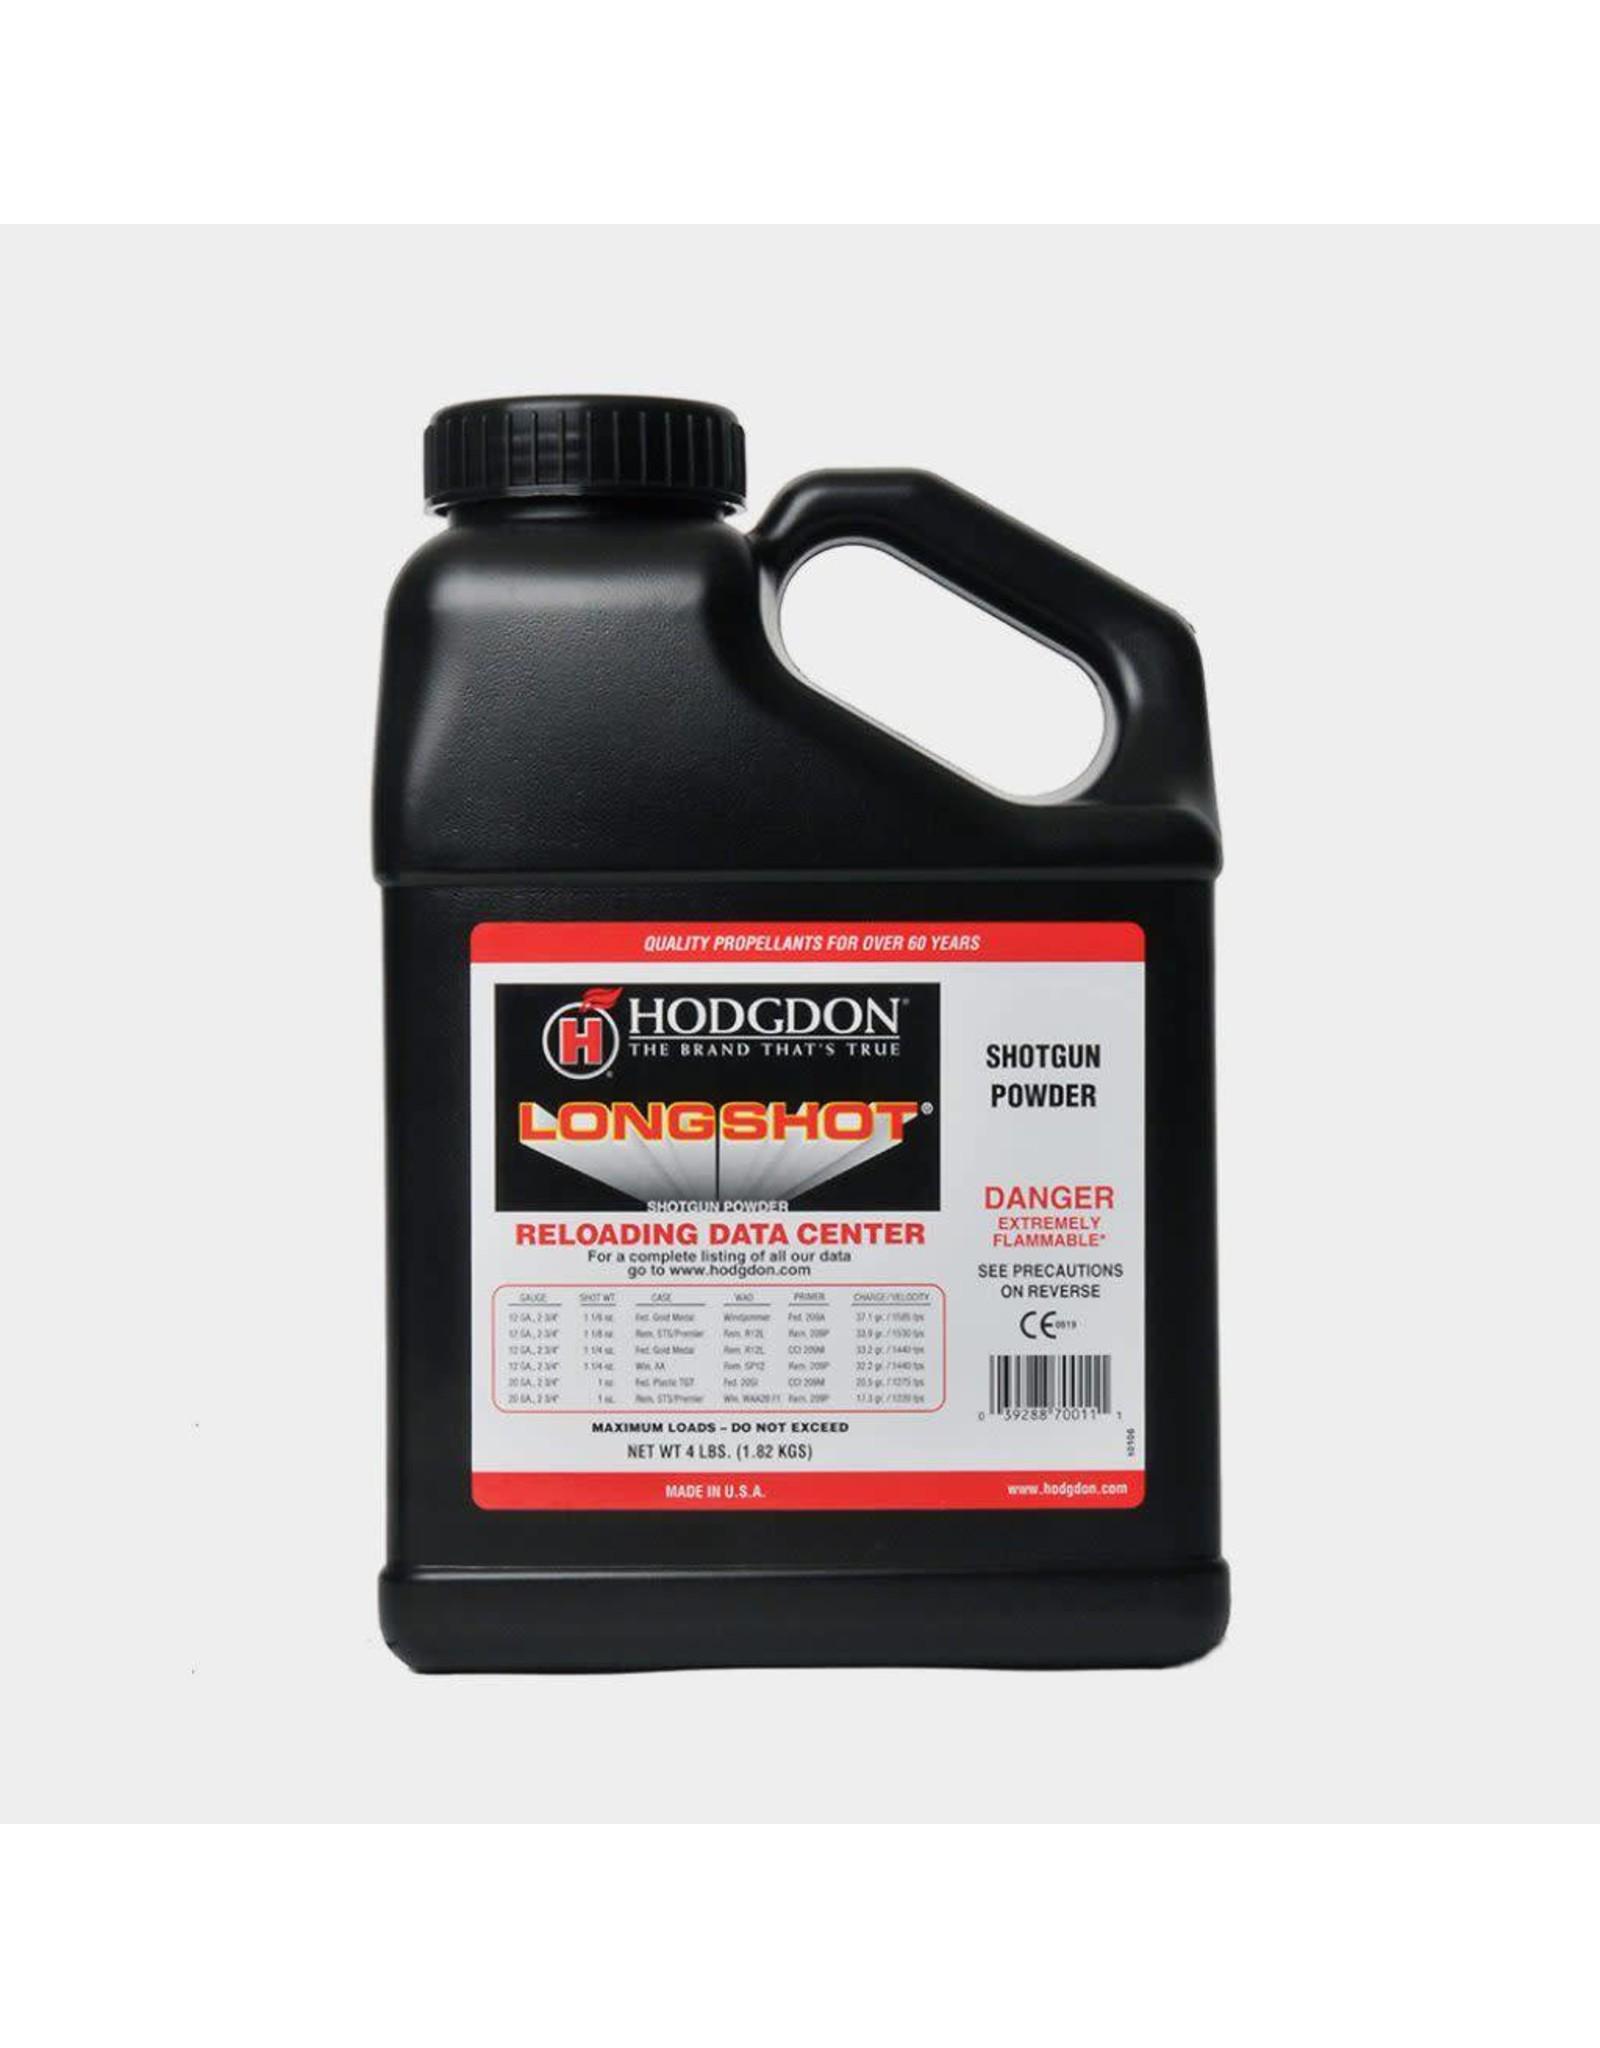 Hodgdon Hodgdon Longshot -  4 pound